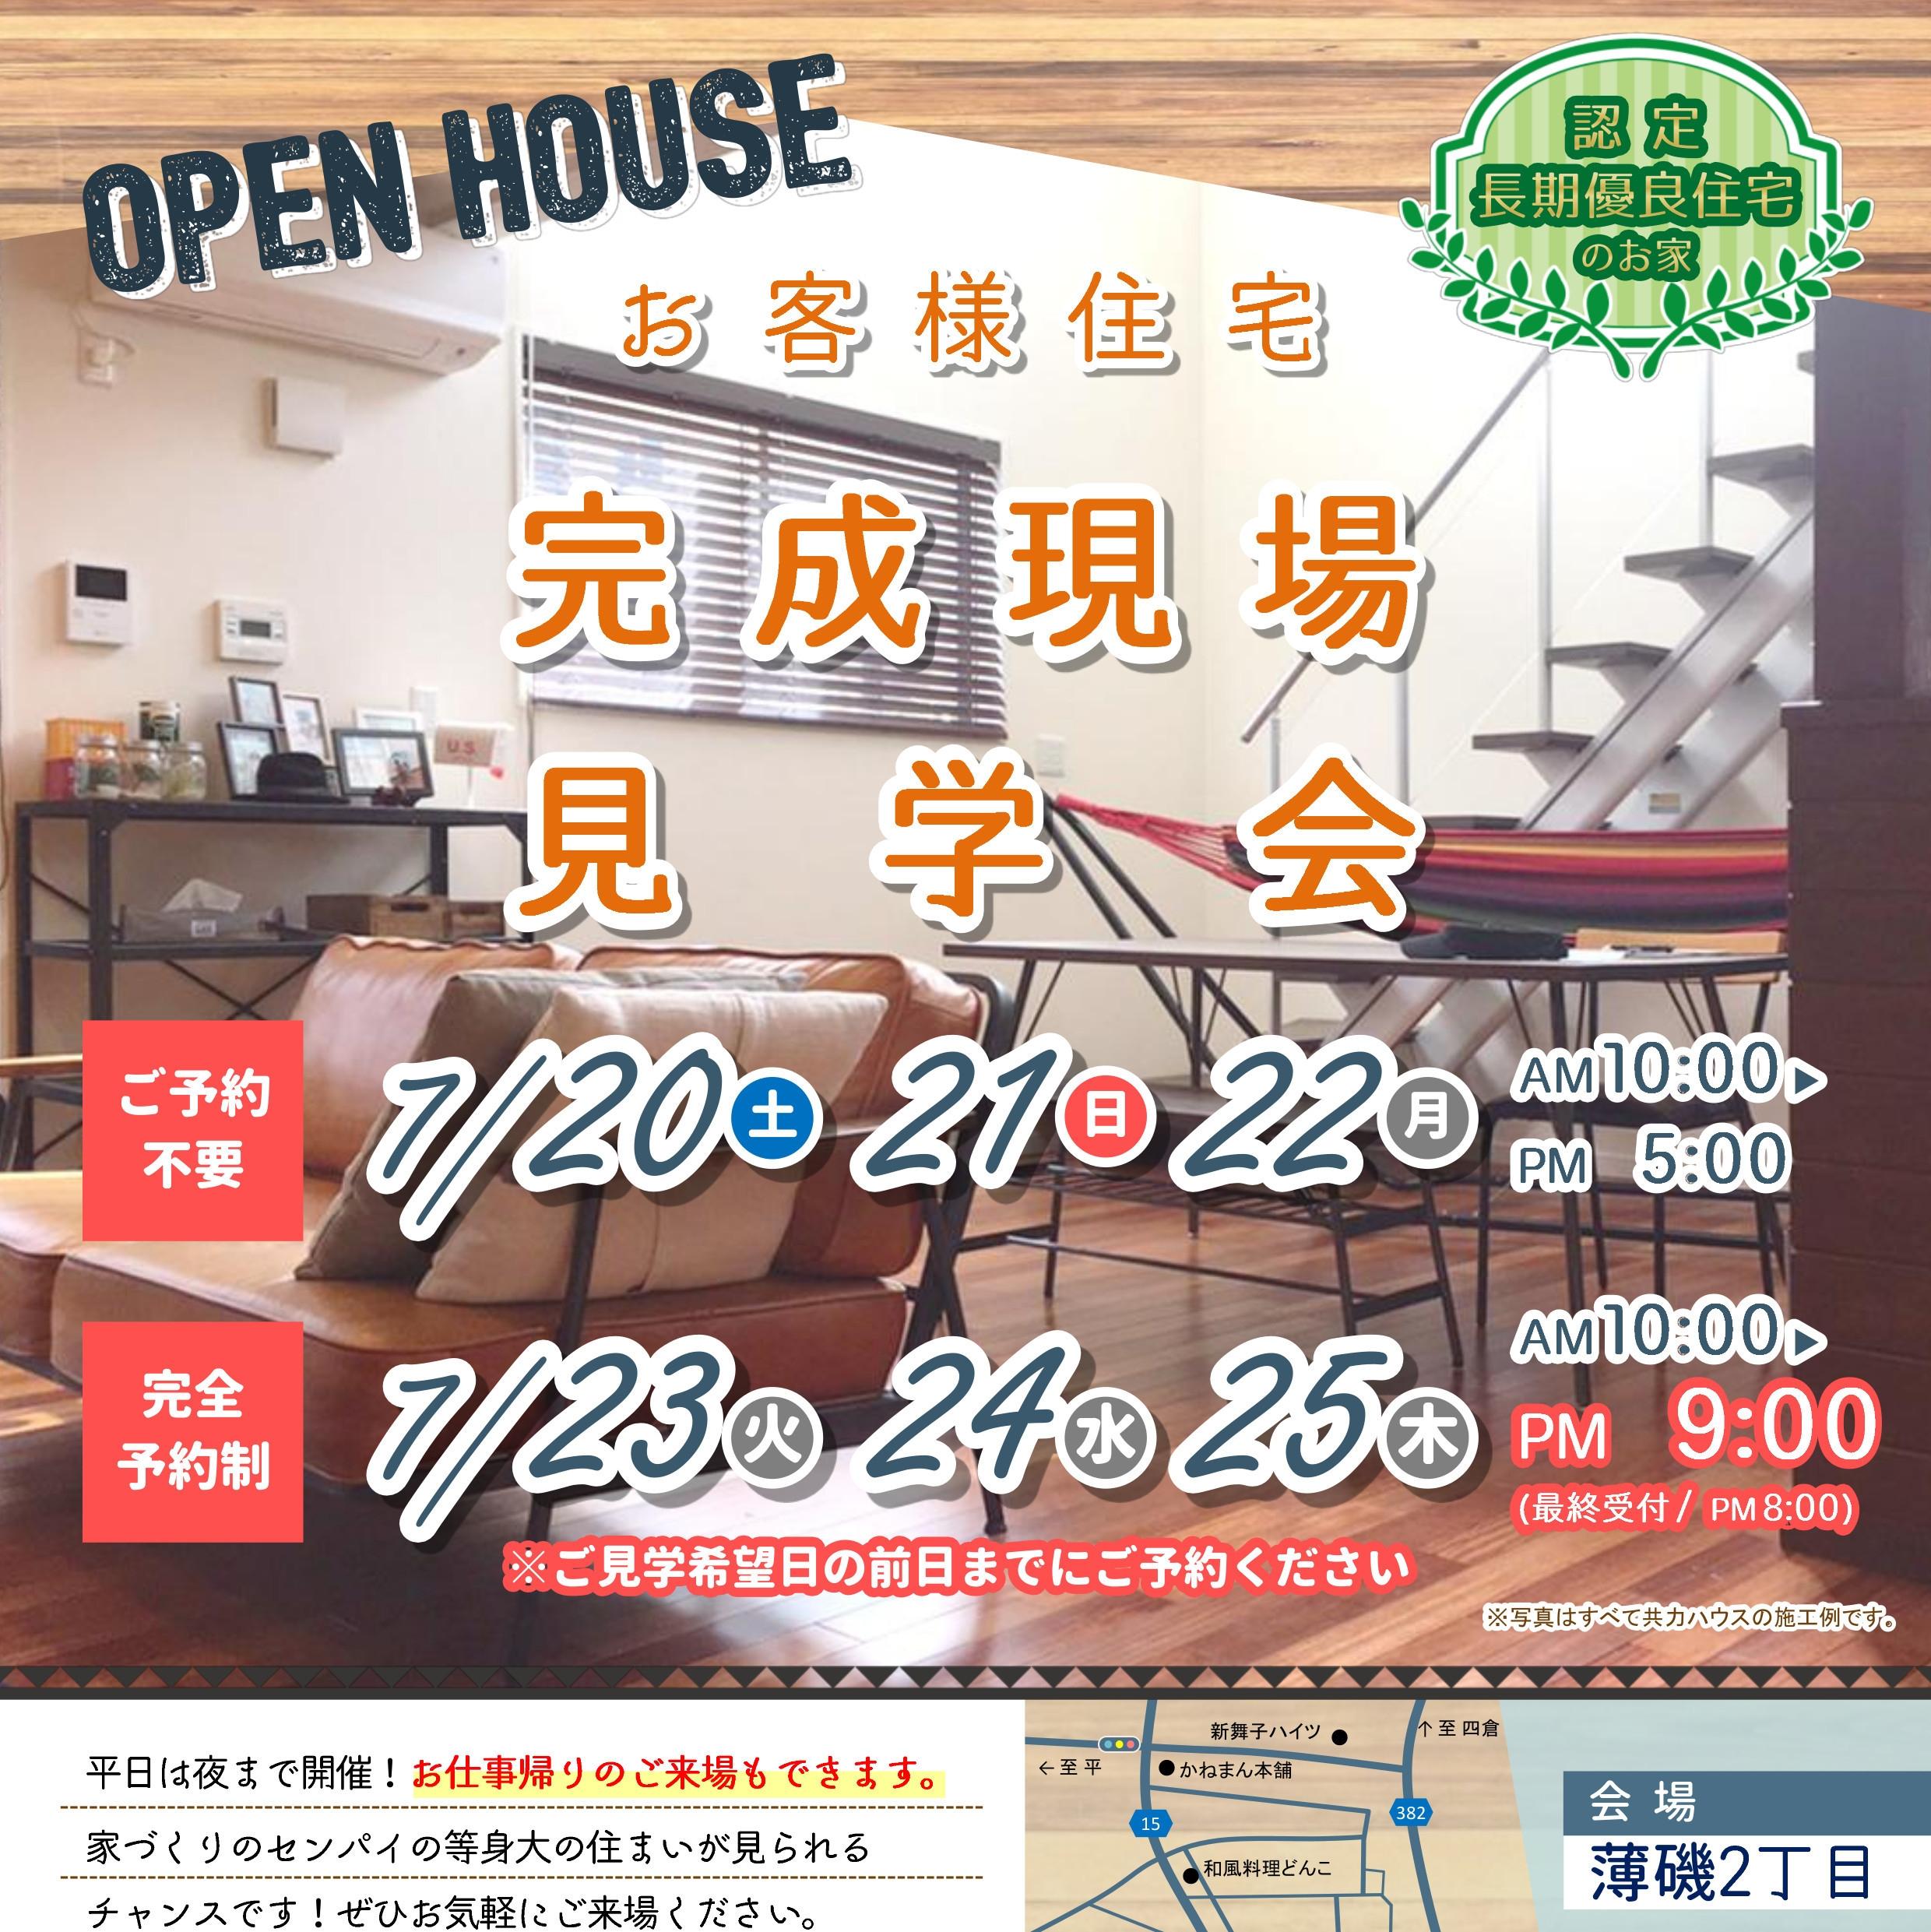 7/20(土)~7/25(木)薄磯2丁目/完成見学会開催!!